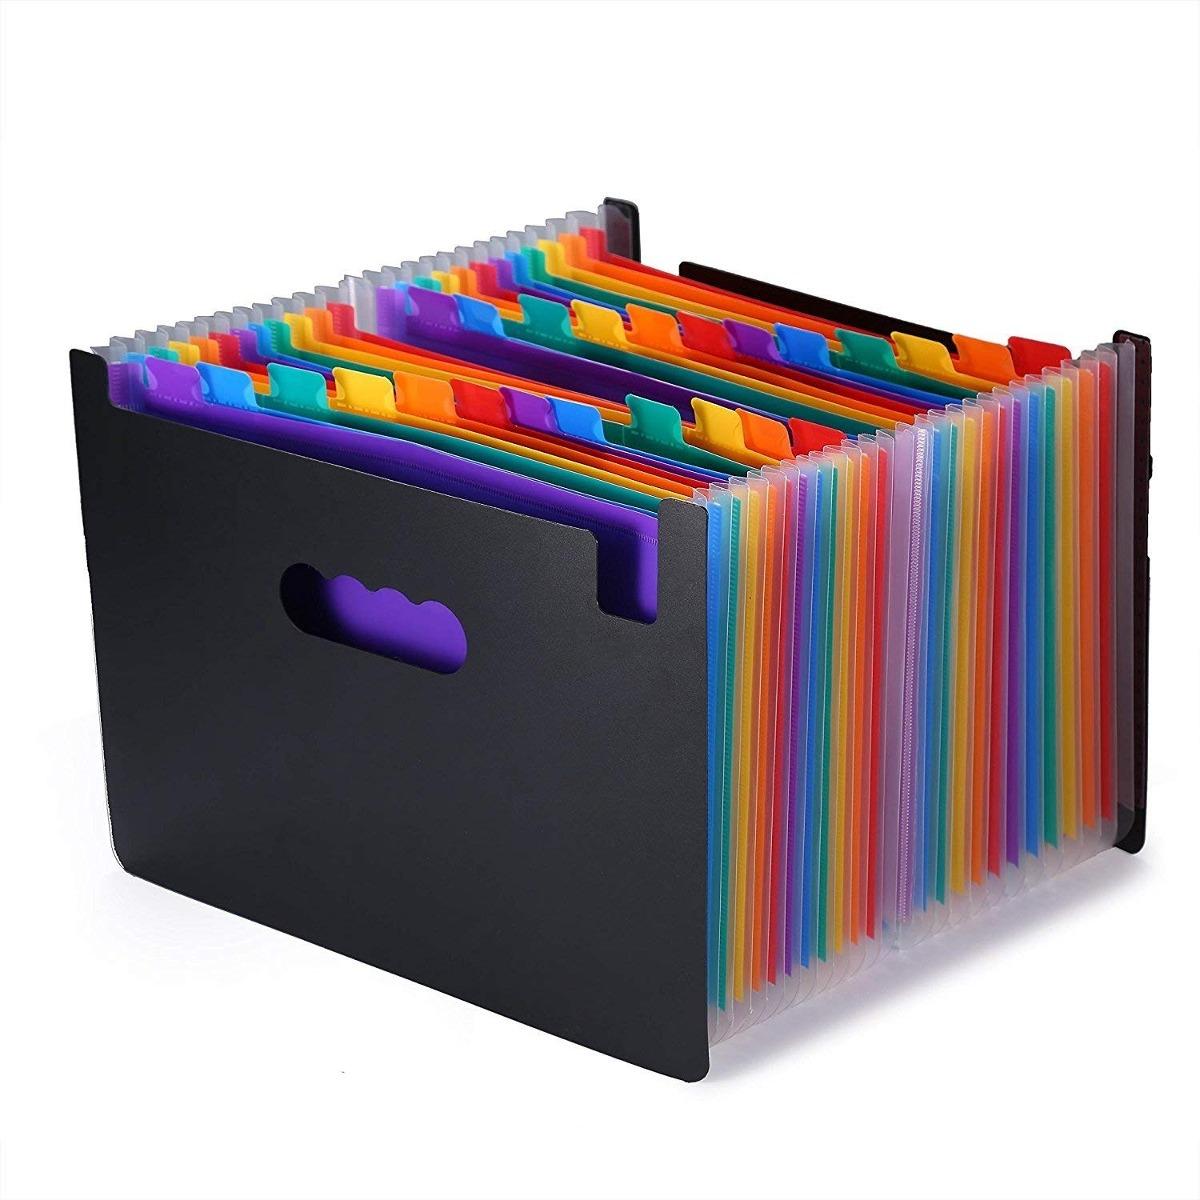 Organizador De Archivos Con Separadores De Colores